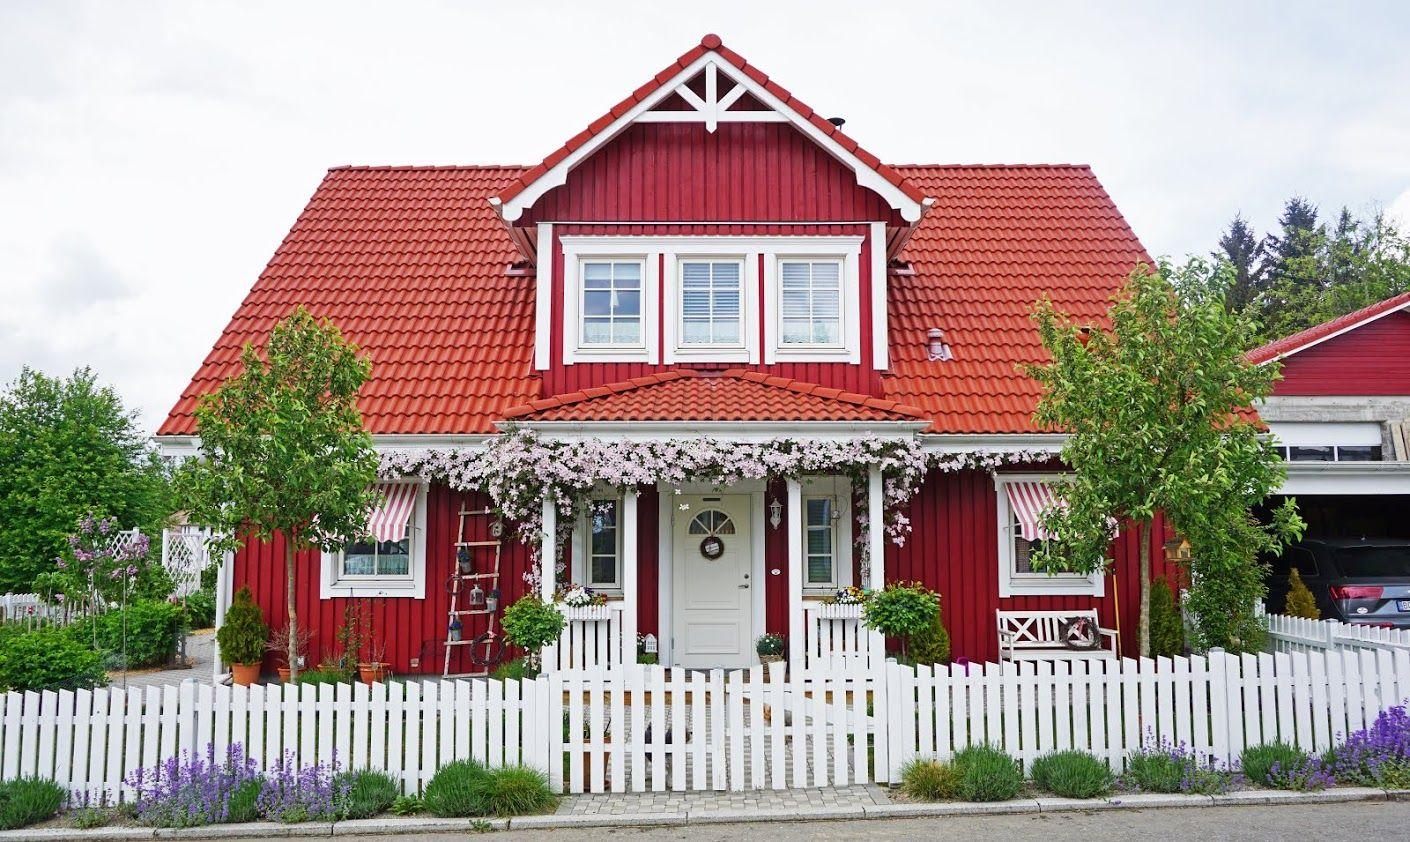 Kleine Lotta Unser Schwedenhaus Schwedenhaus, Haus und